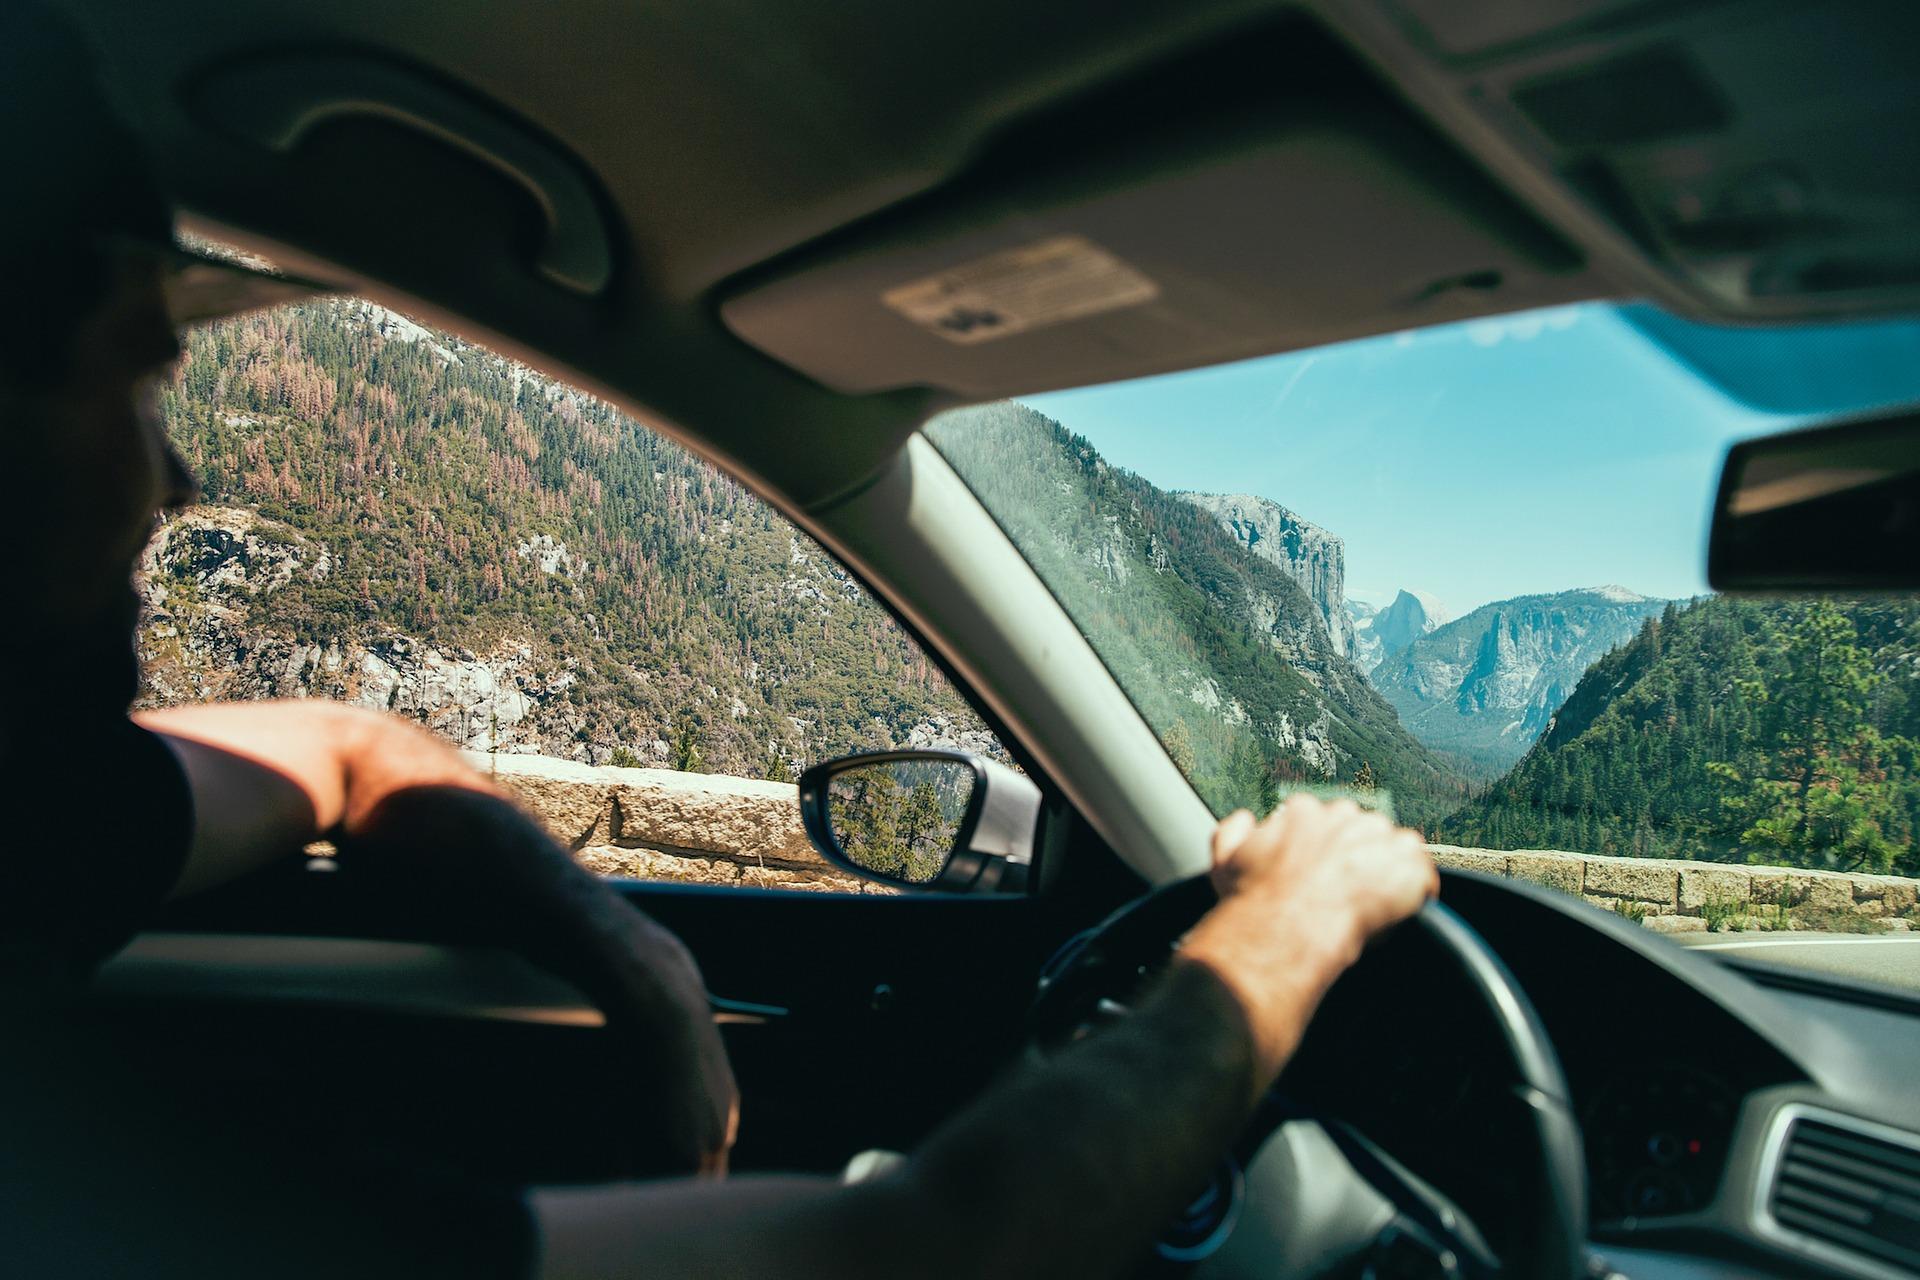 Reizen met de auto geeft een hoop vrijheid, maar een goede voorbereiding is belangrijk.